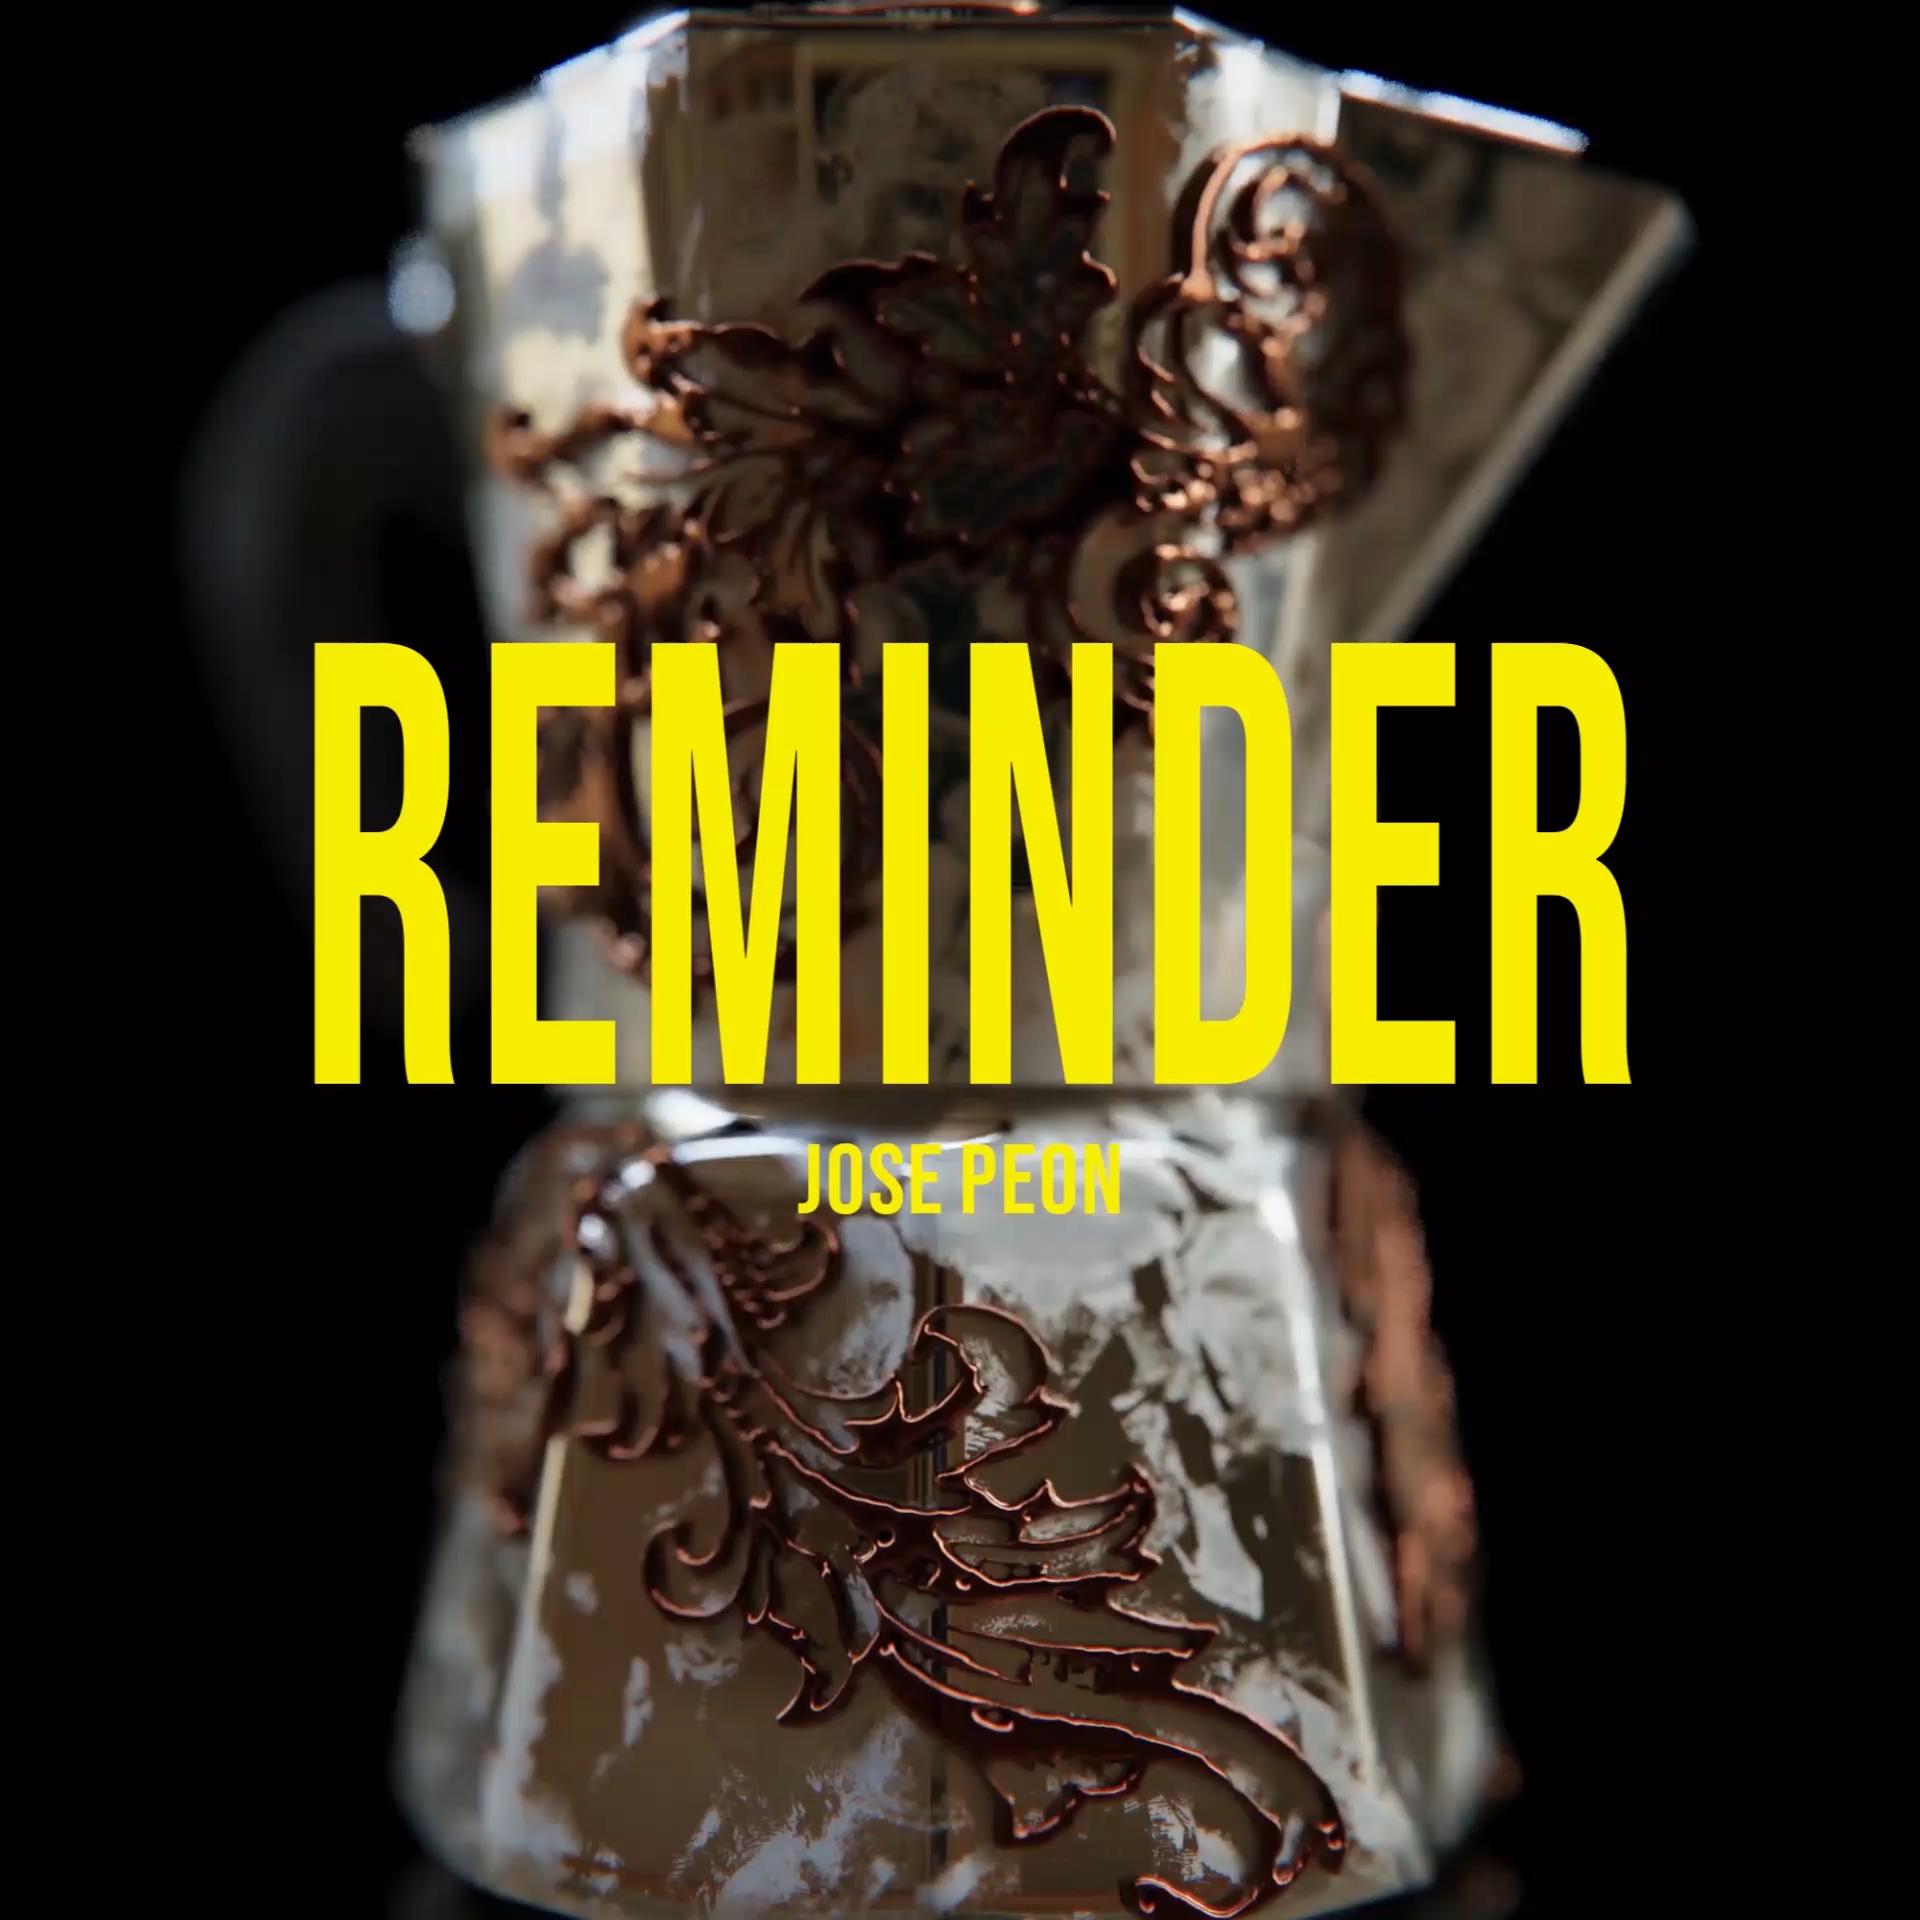 Jose Peon Reminder